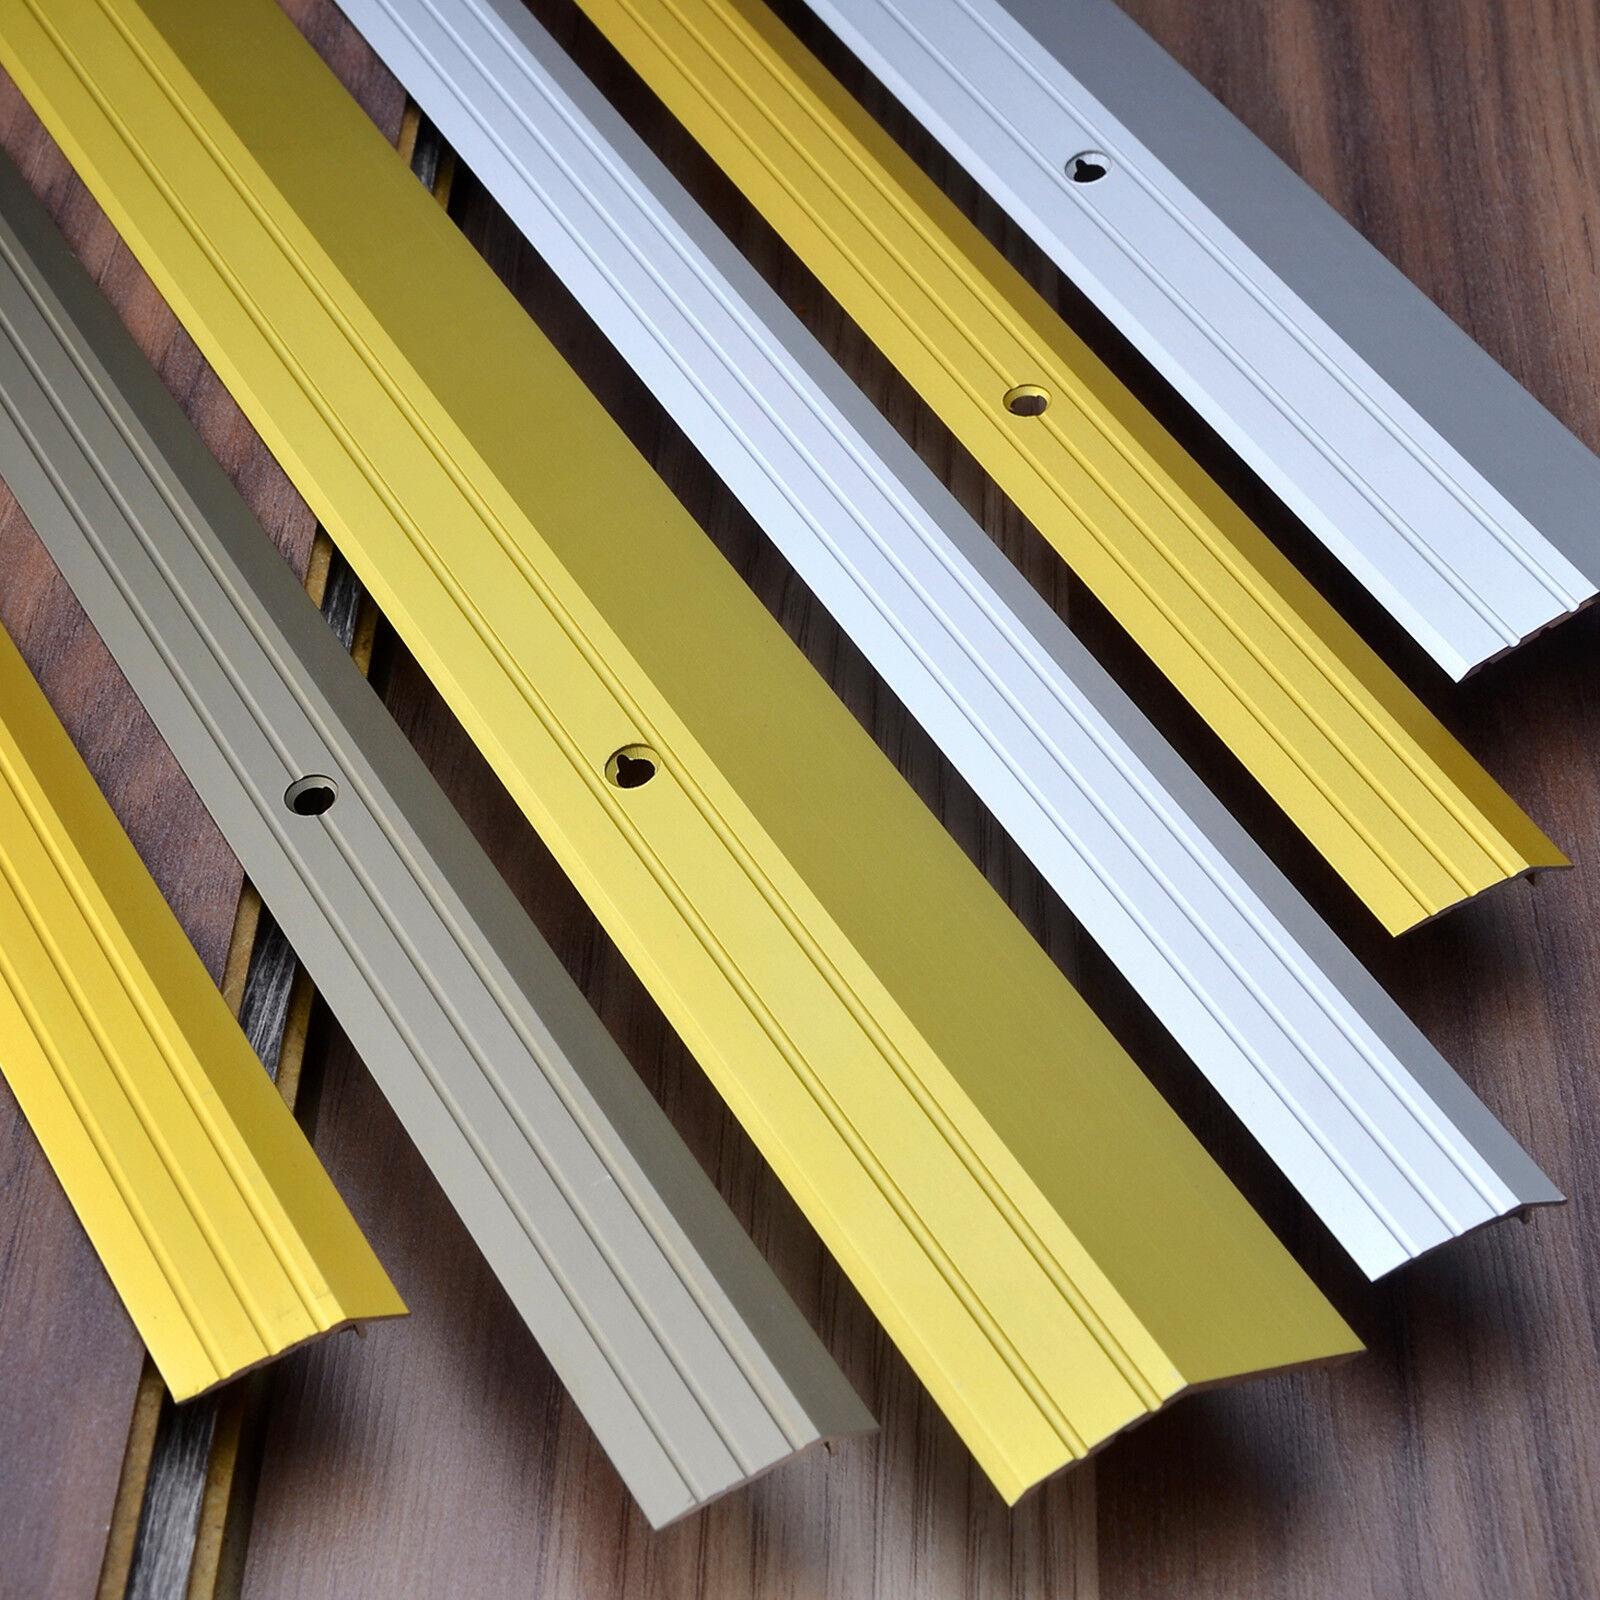 Treppen Bodenleiste Test Vergleich Treppen Bodenleiste Gunstig